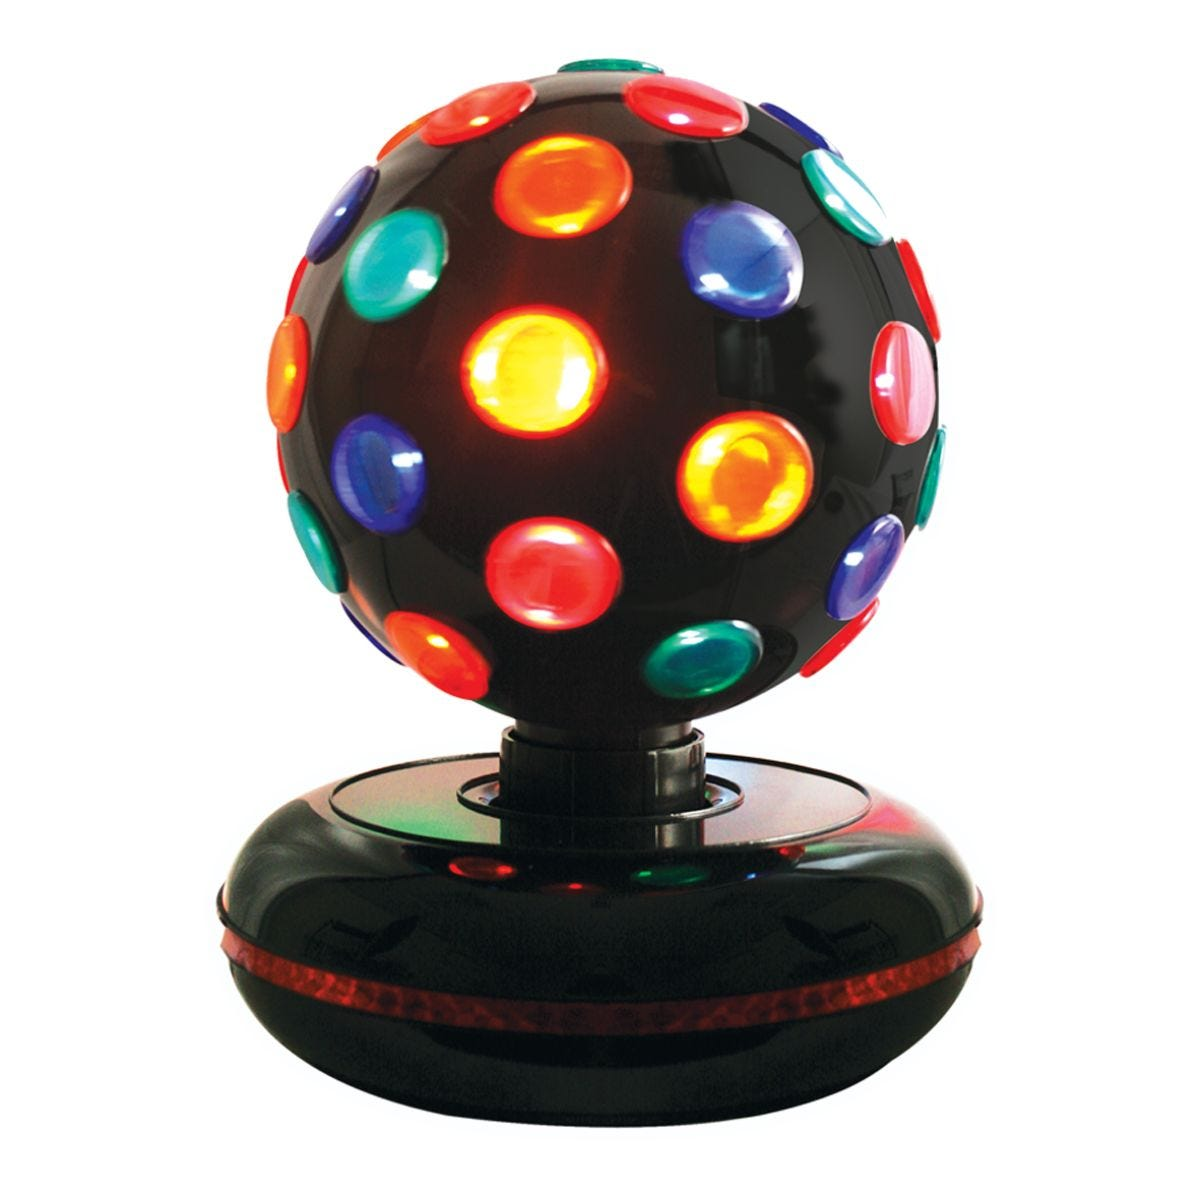 Global Gizmos Black Disco Ball